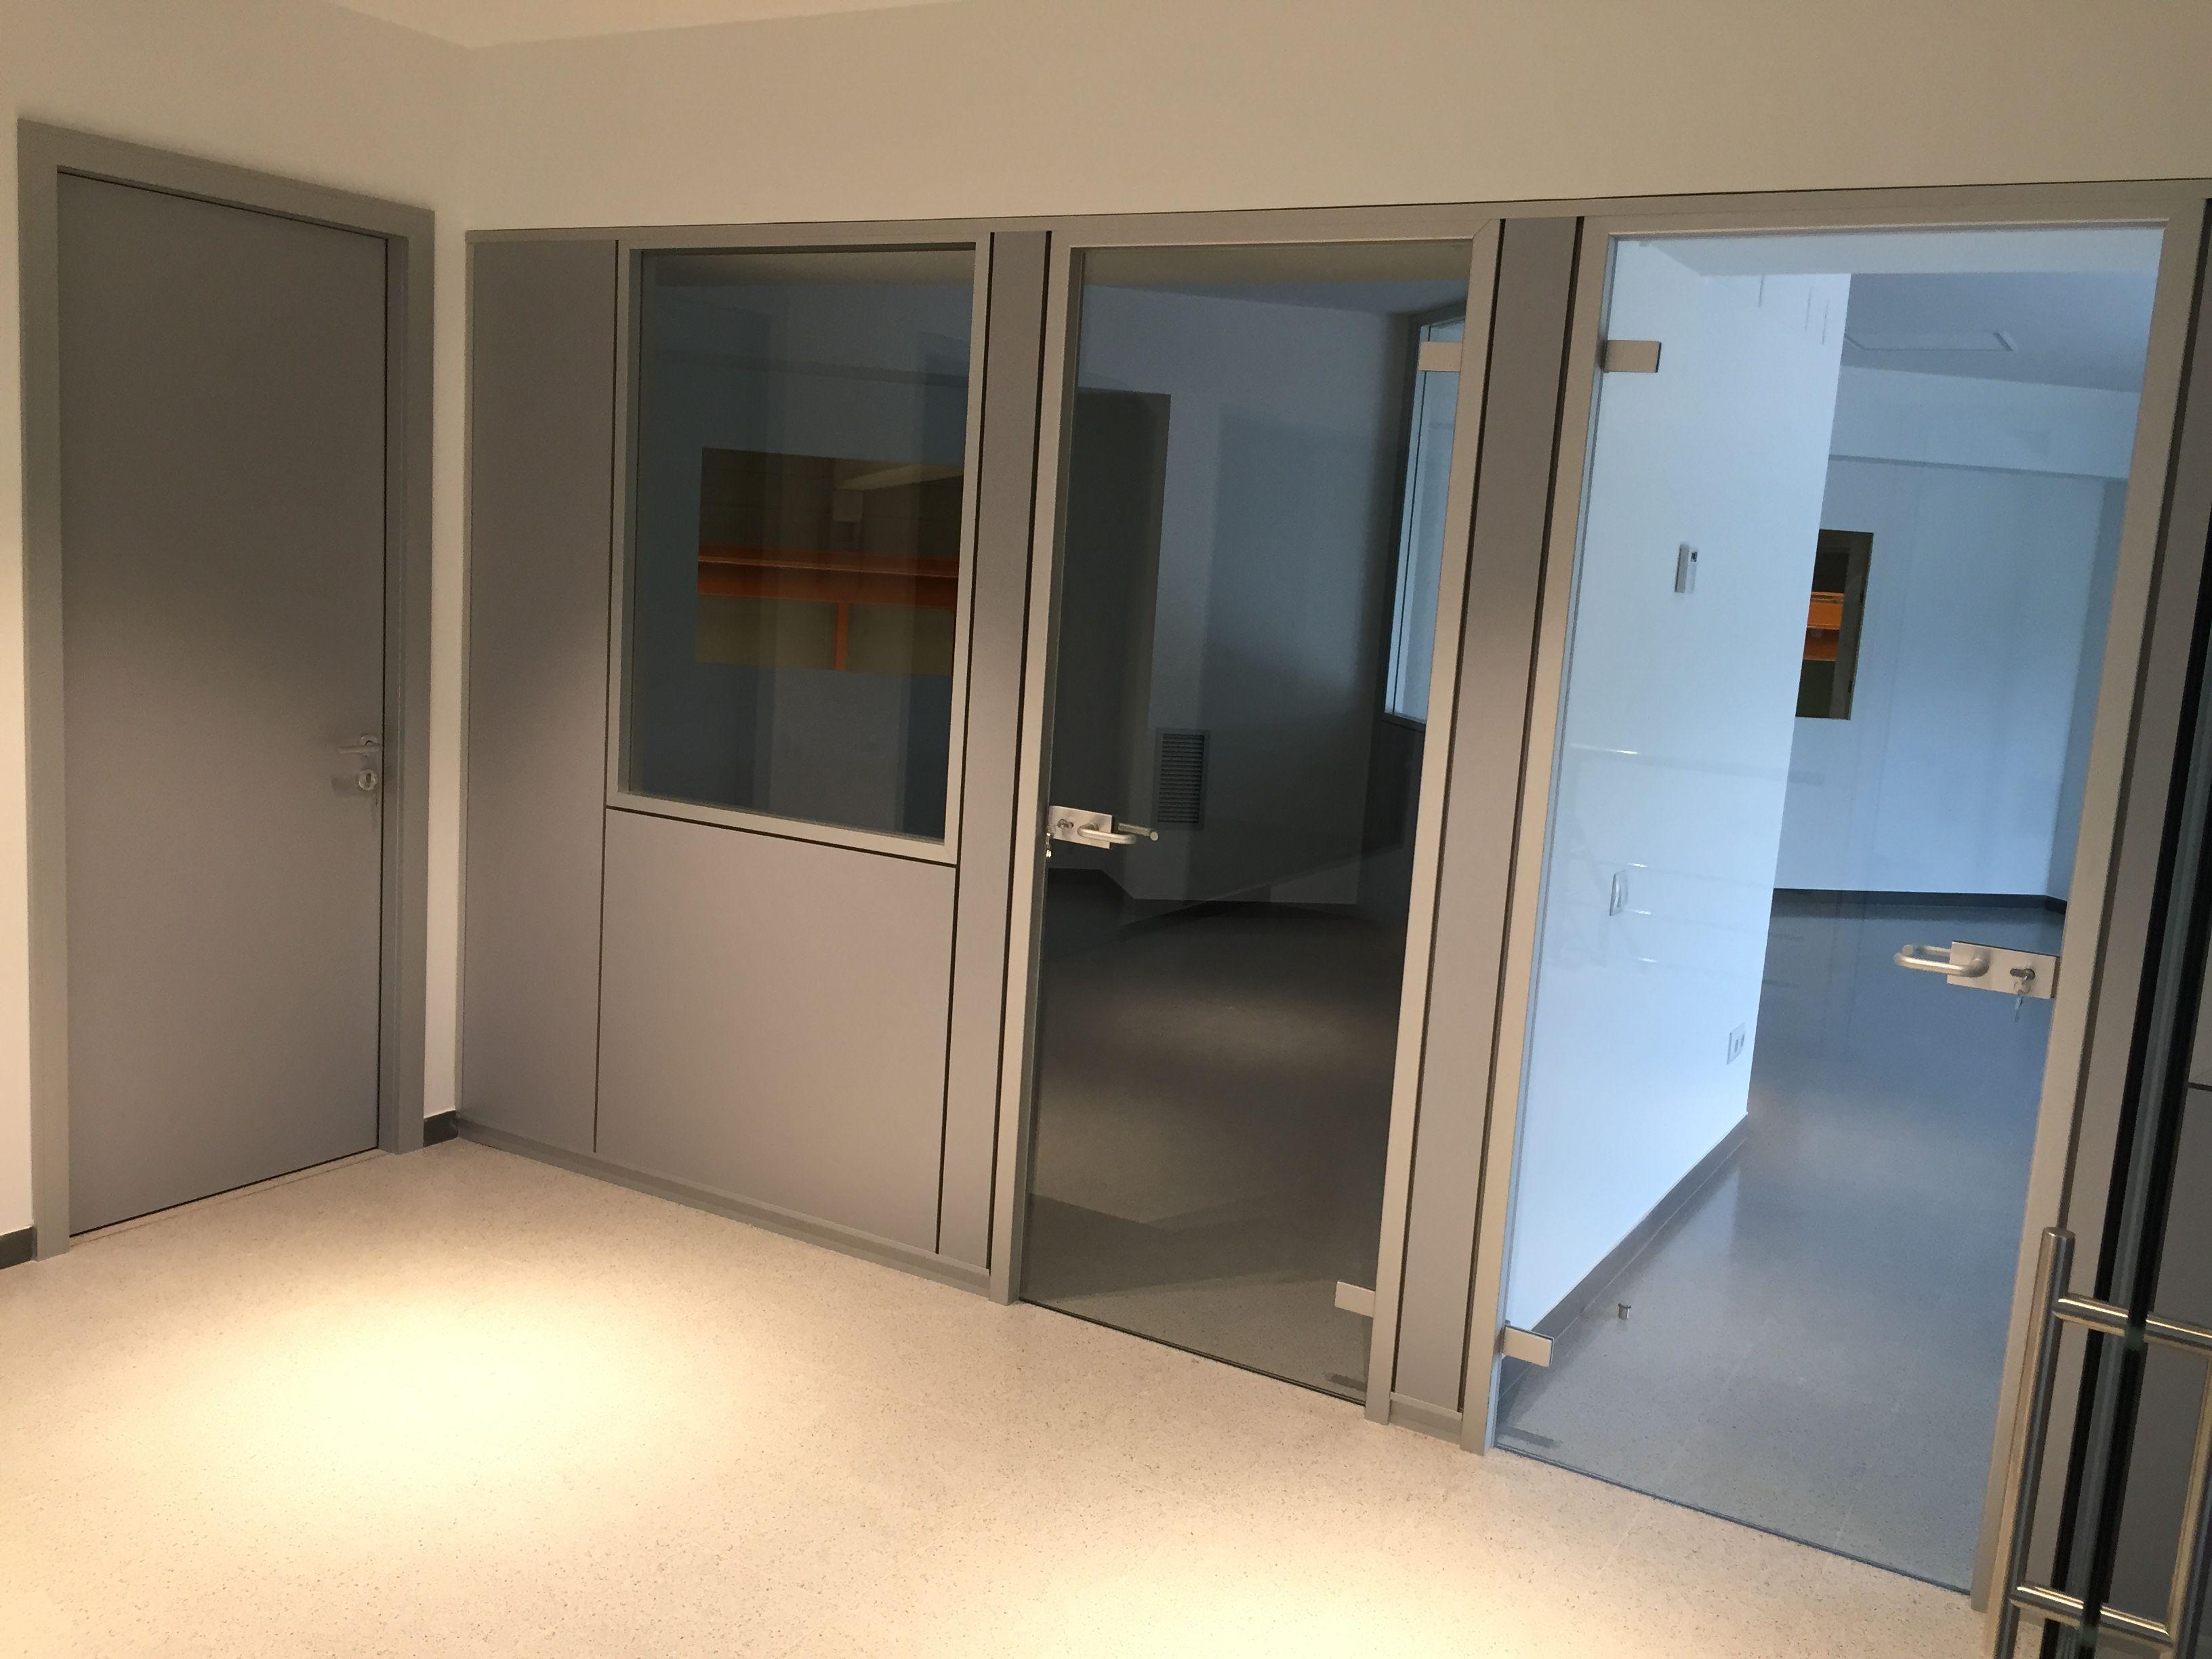 Foto 68 de Carpintería de aluminio, metálica y PVC en Terrassa | Tancaments Cusidó